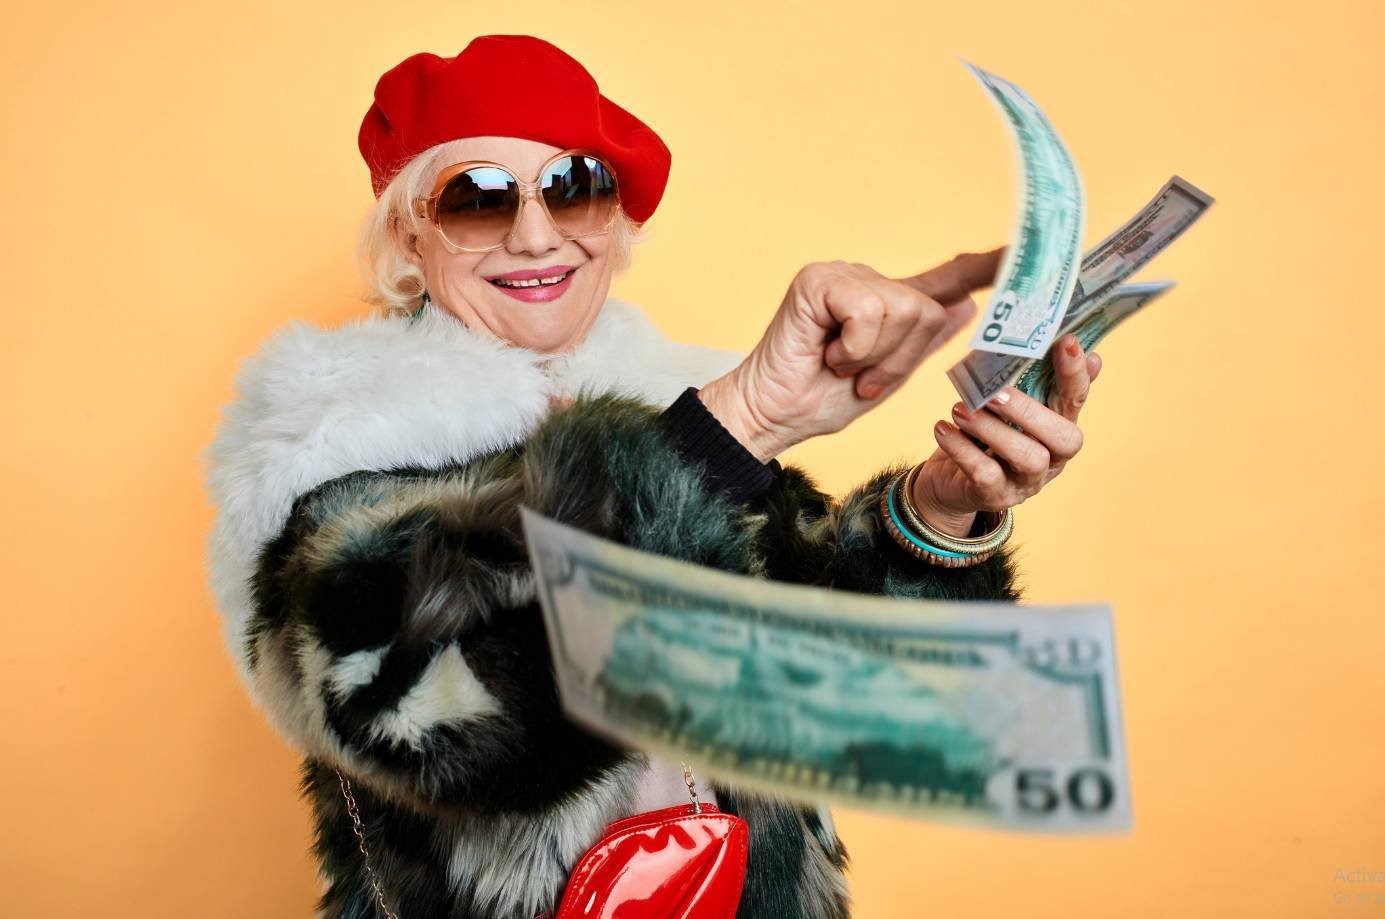 Kako do milijuna bez dobitka na lutriji? 11 filozofija bogatstva